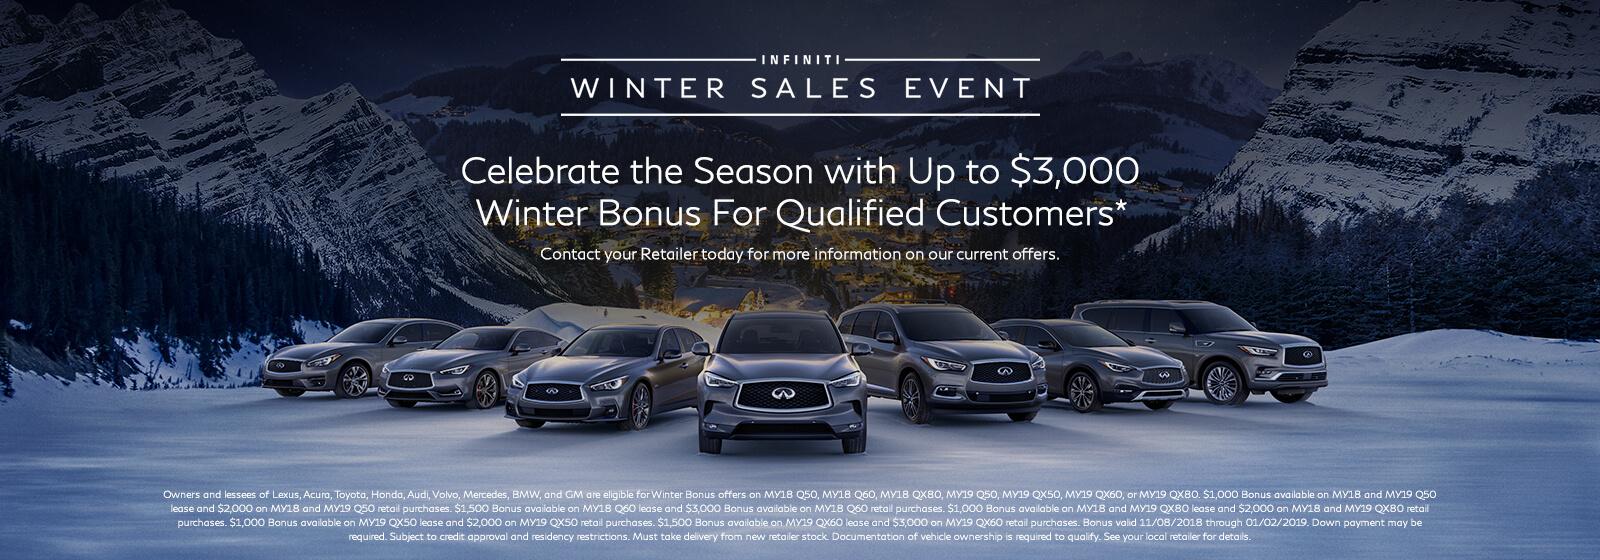 Winter Sales Event Bonus Updated